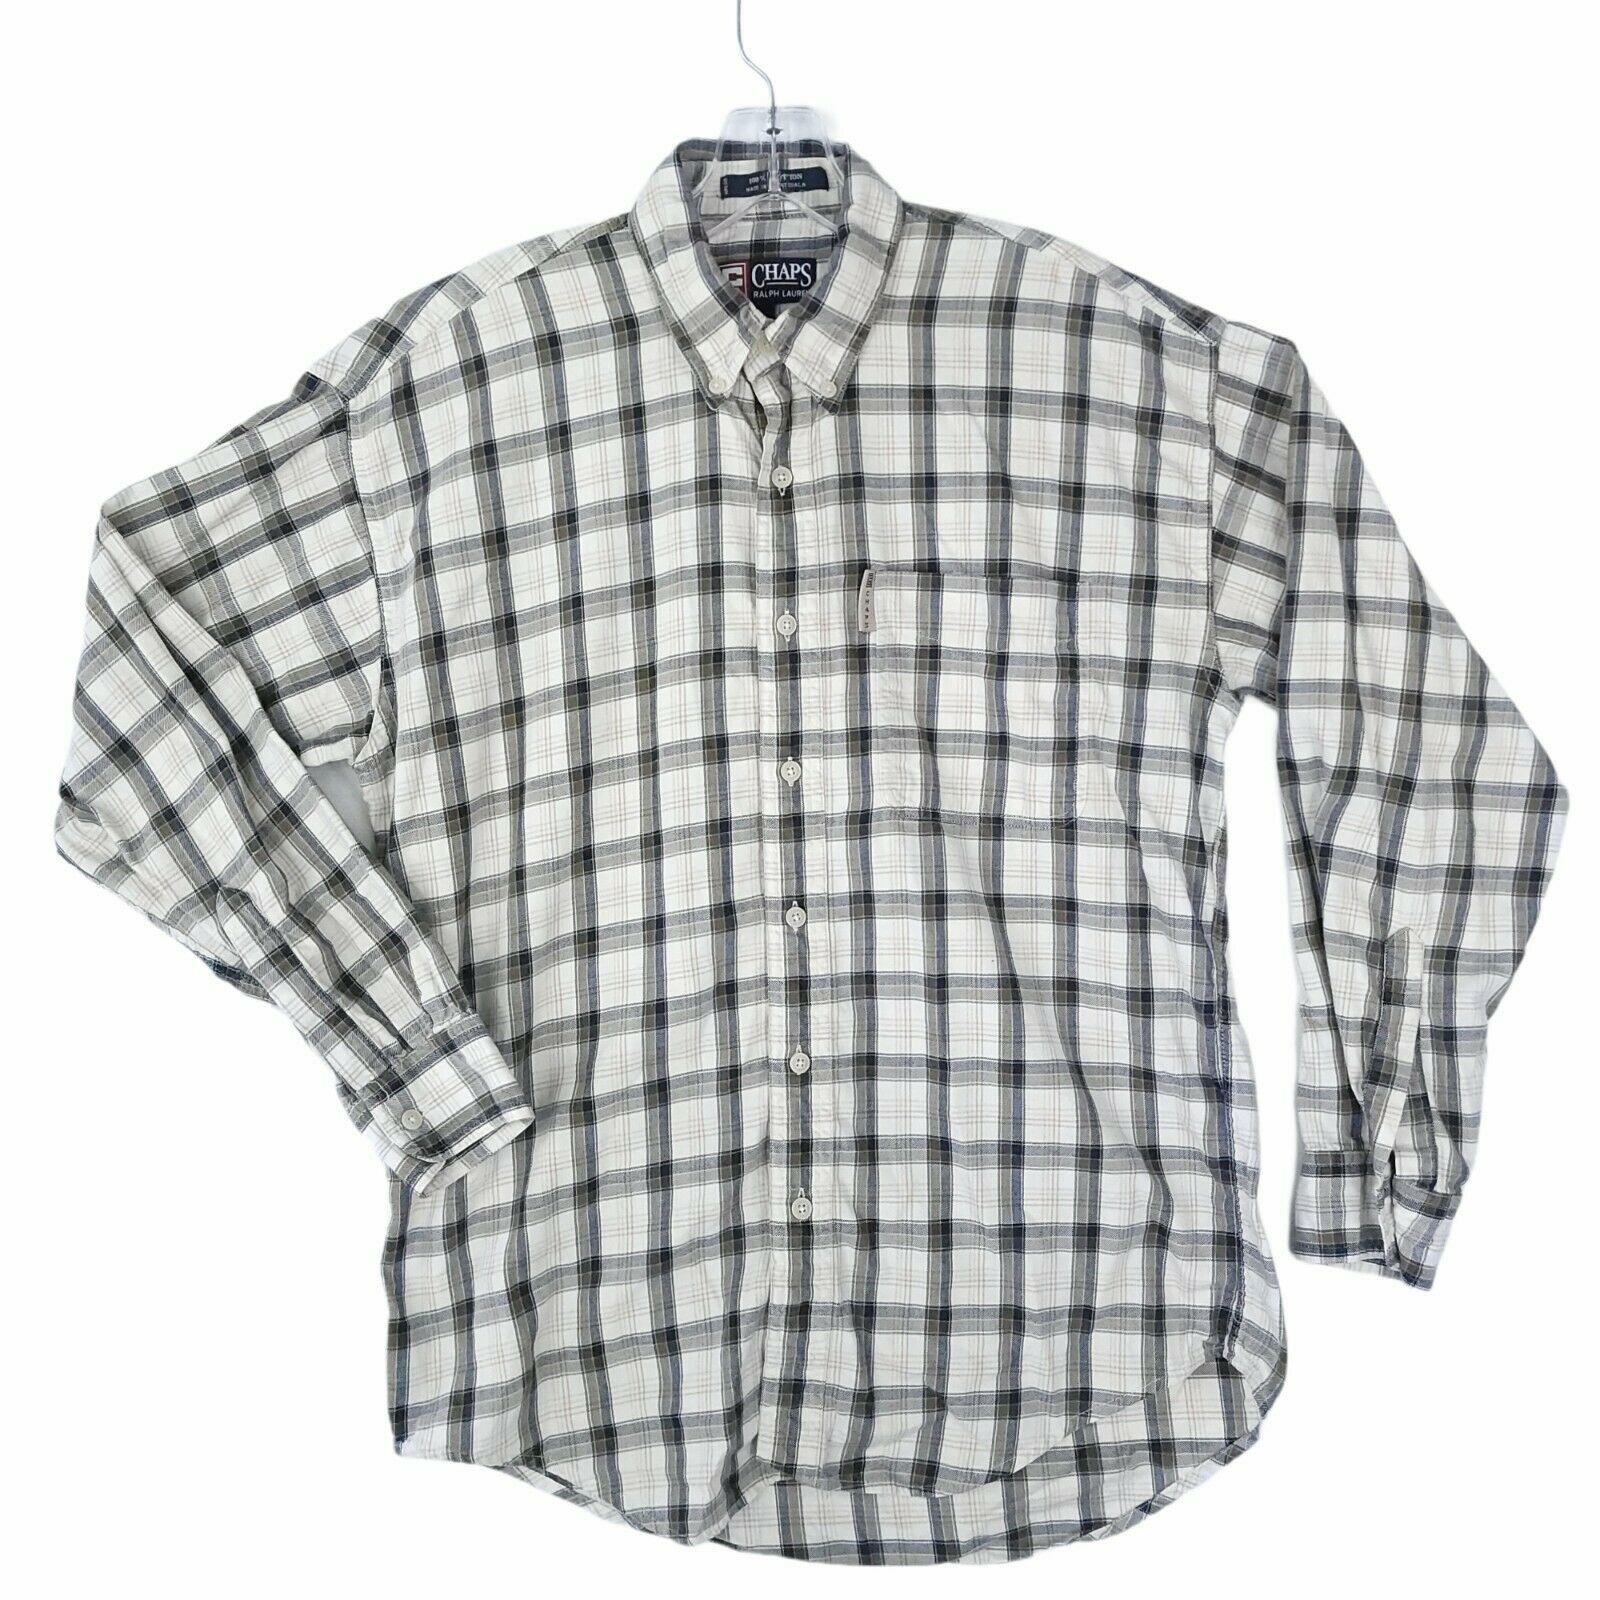 VTG CHAPS RALPH LAUREN Mens Medium Blue Tan Plaid Long Sleeve Button Up Shirt - $22.23